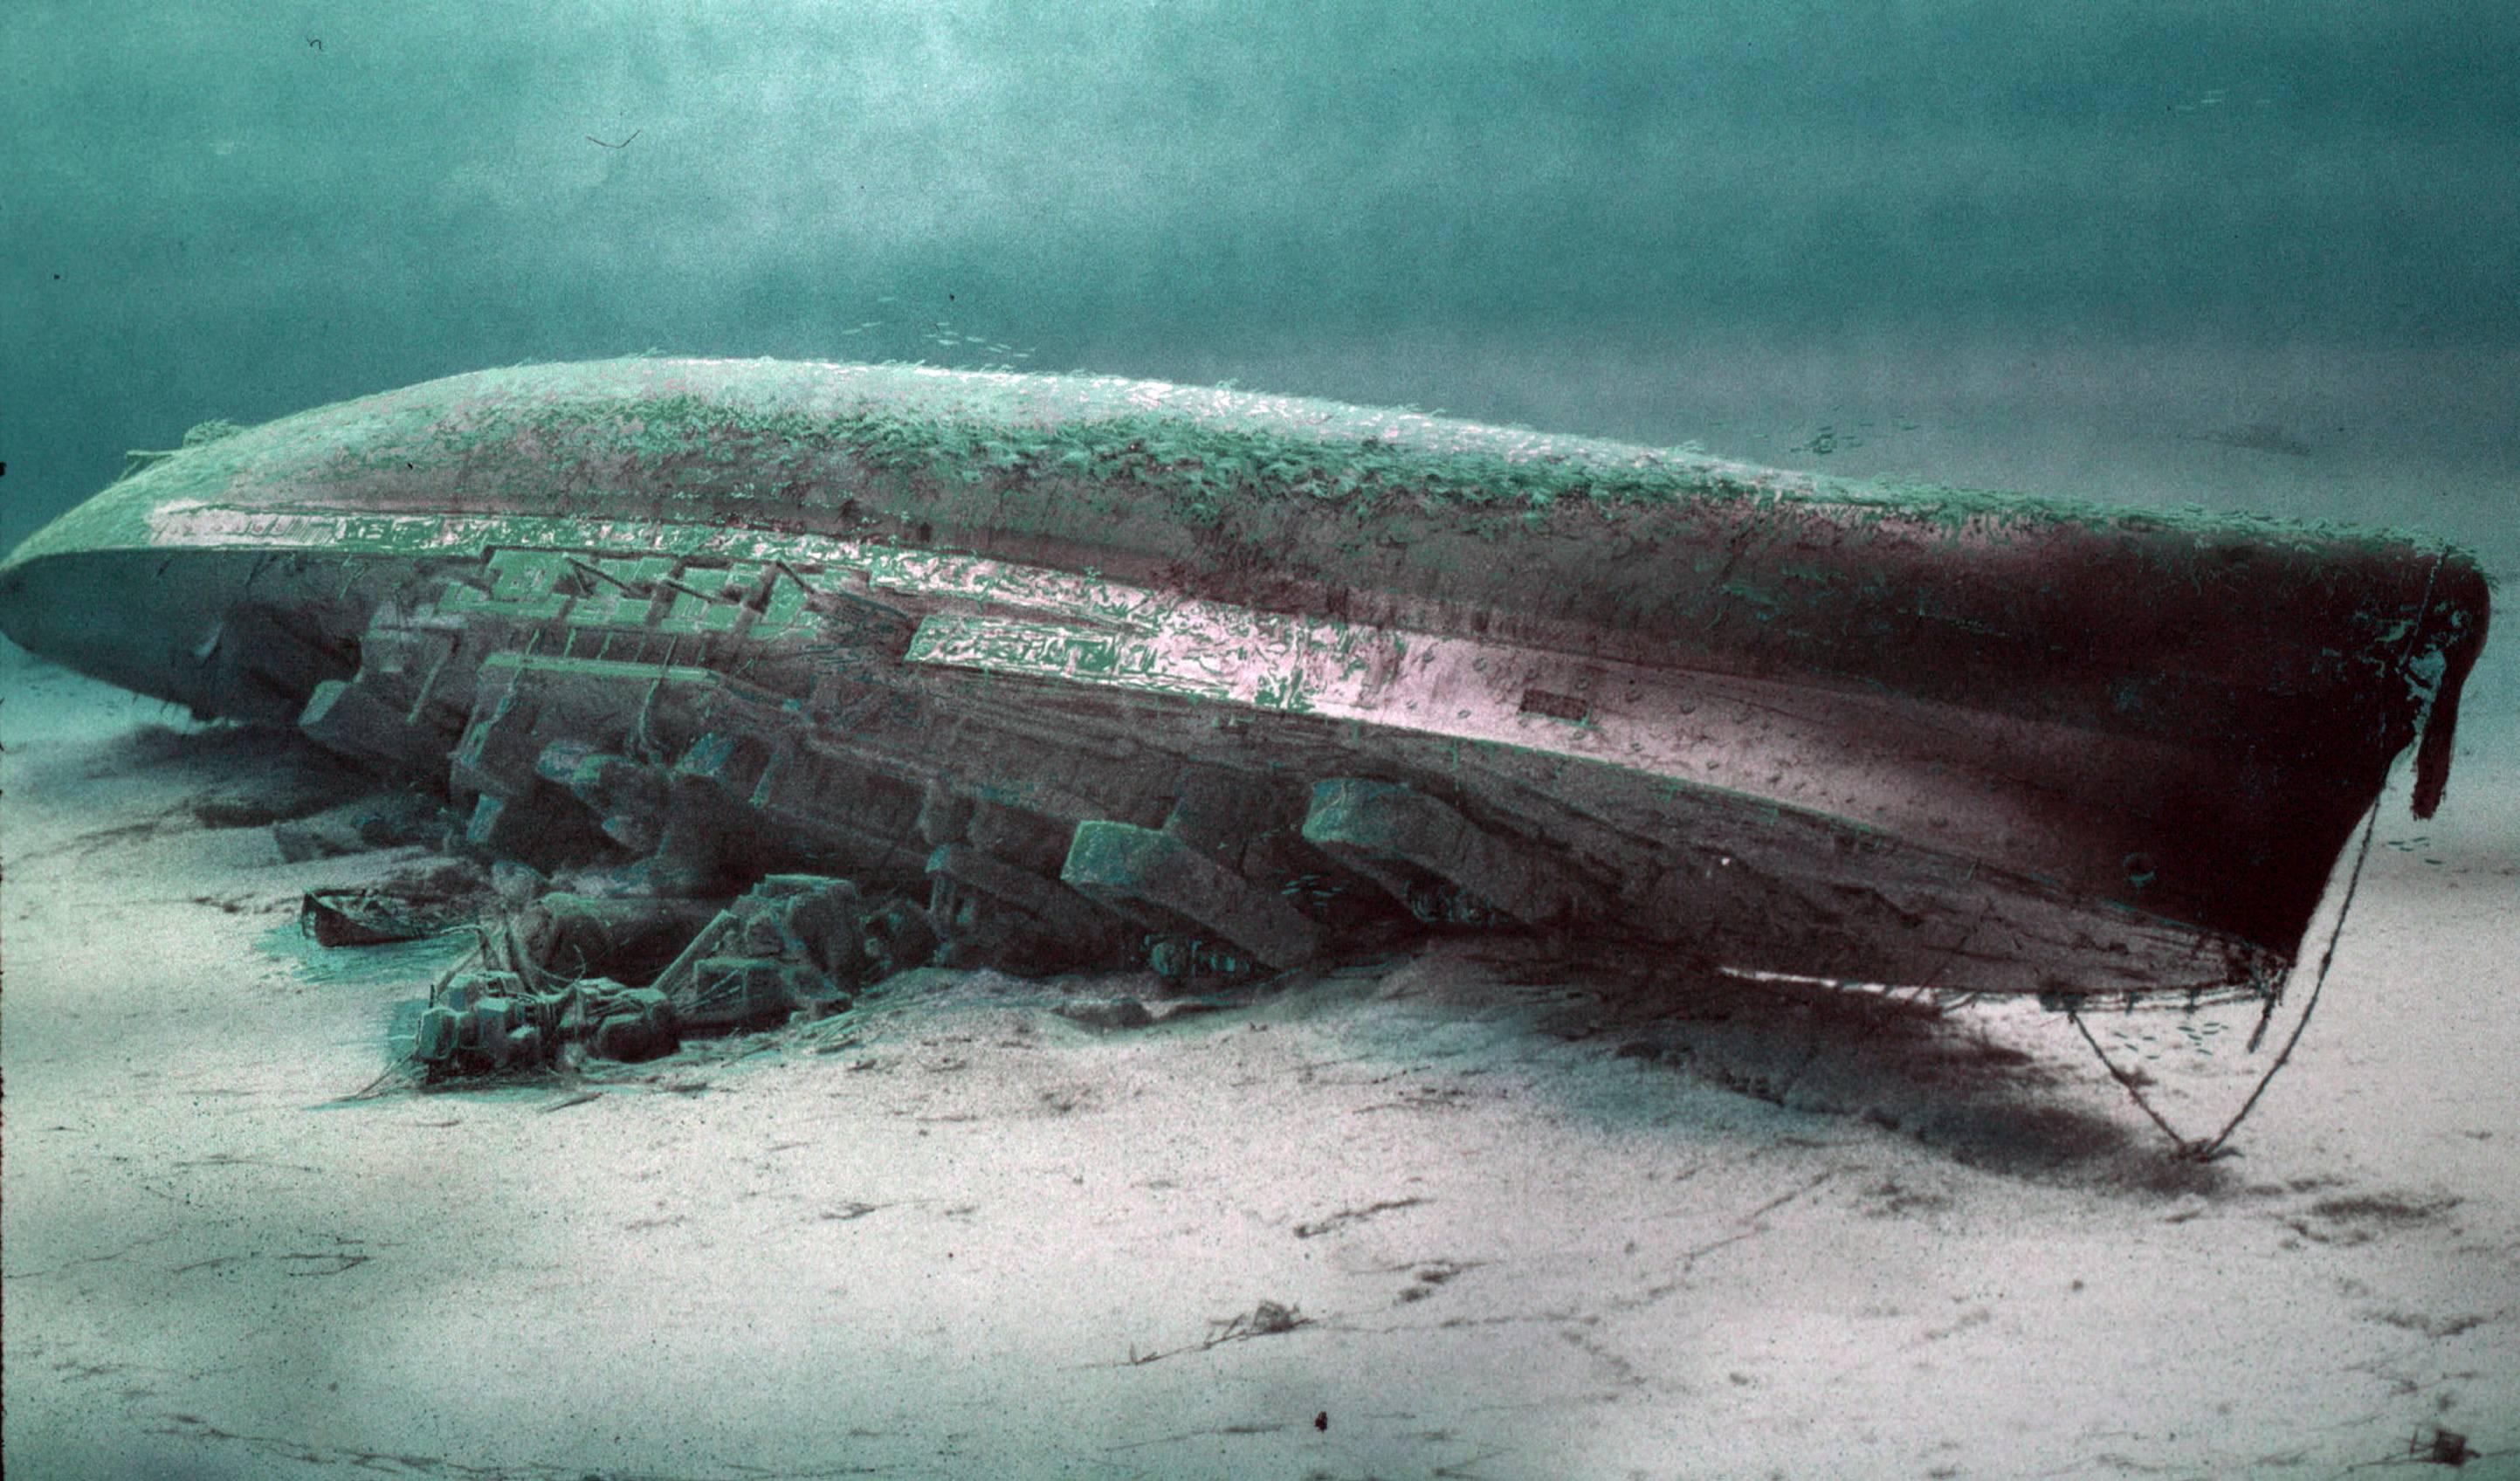 фото лодки на дне океана